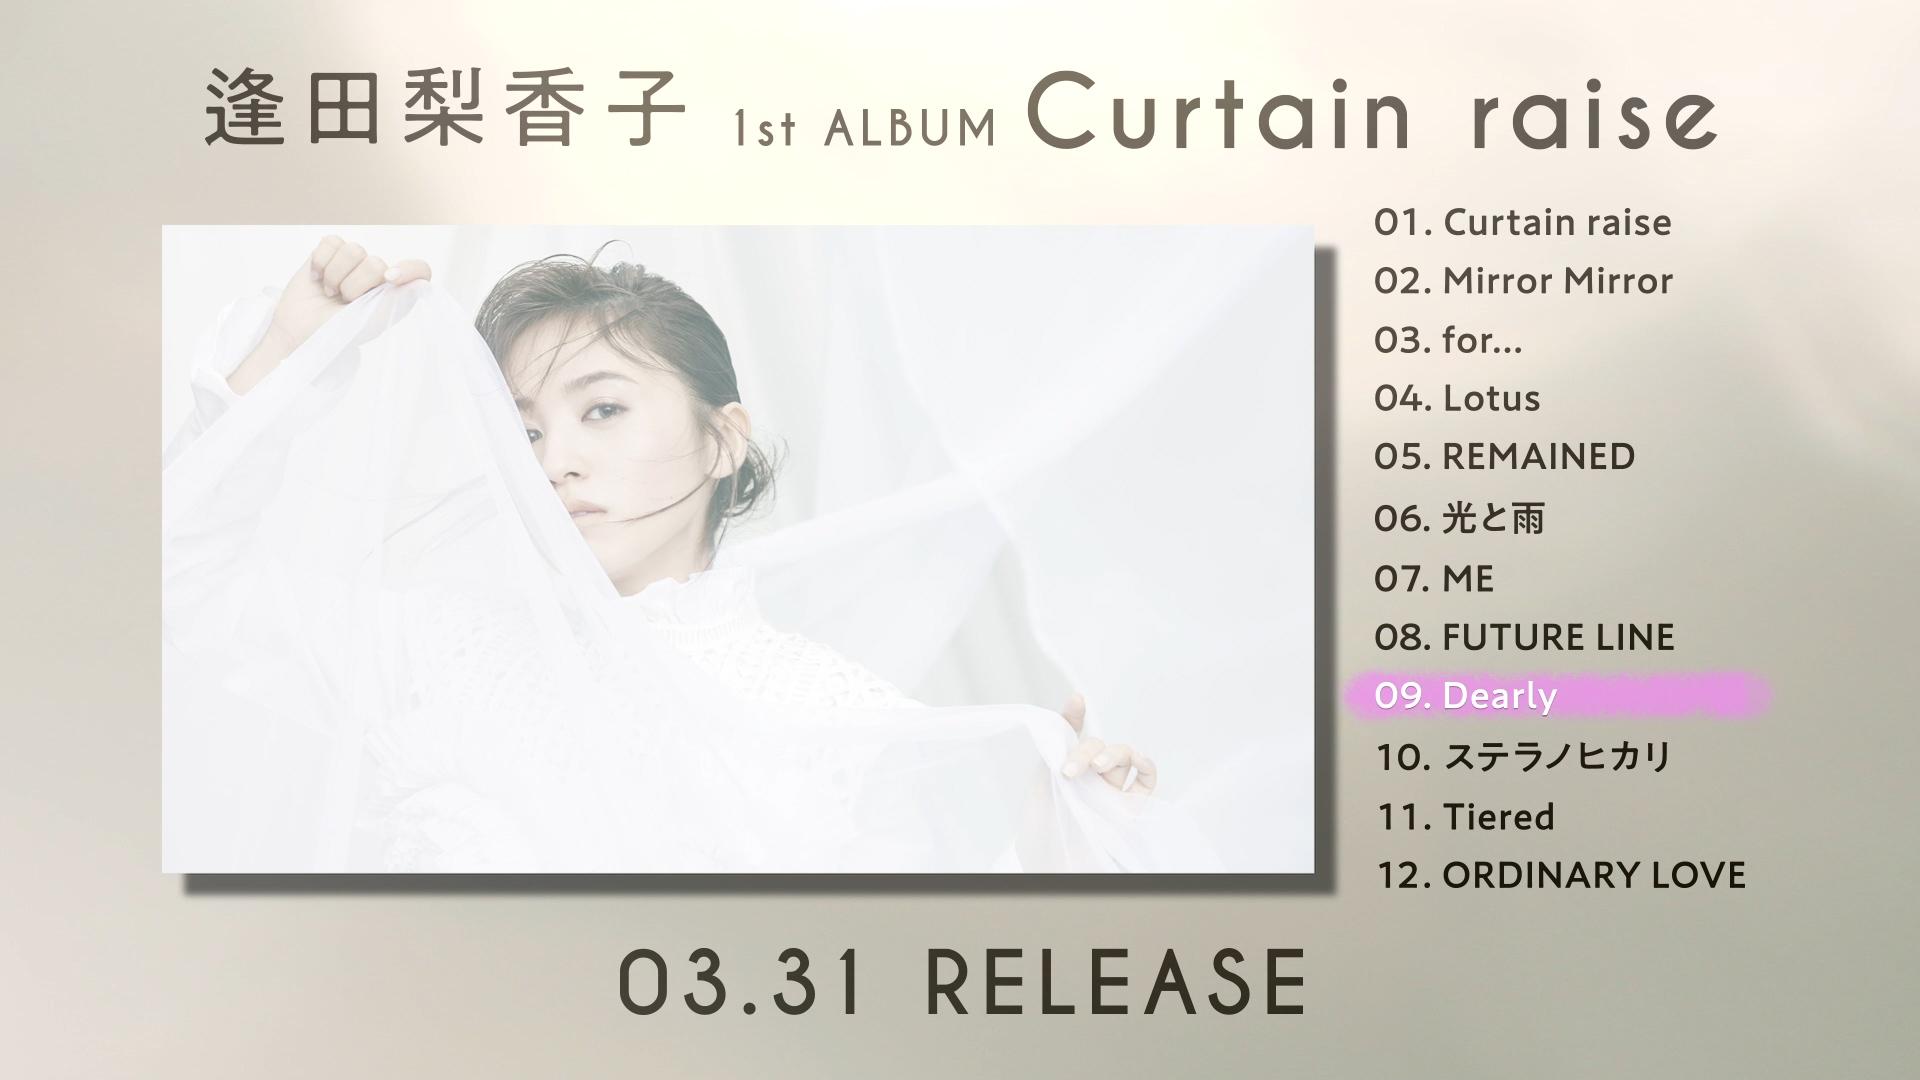 逢田梨香子 1st Album「Curtain raise」 全曲 Teaser